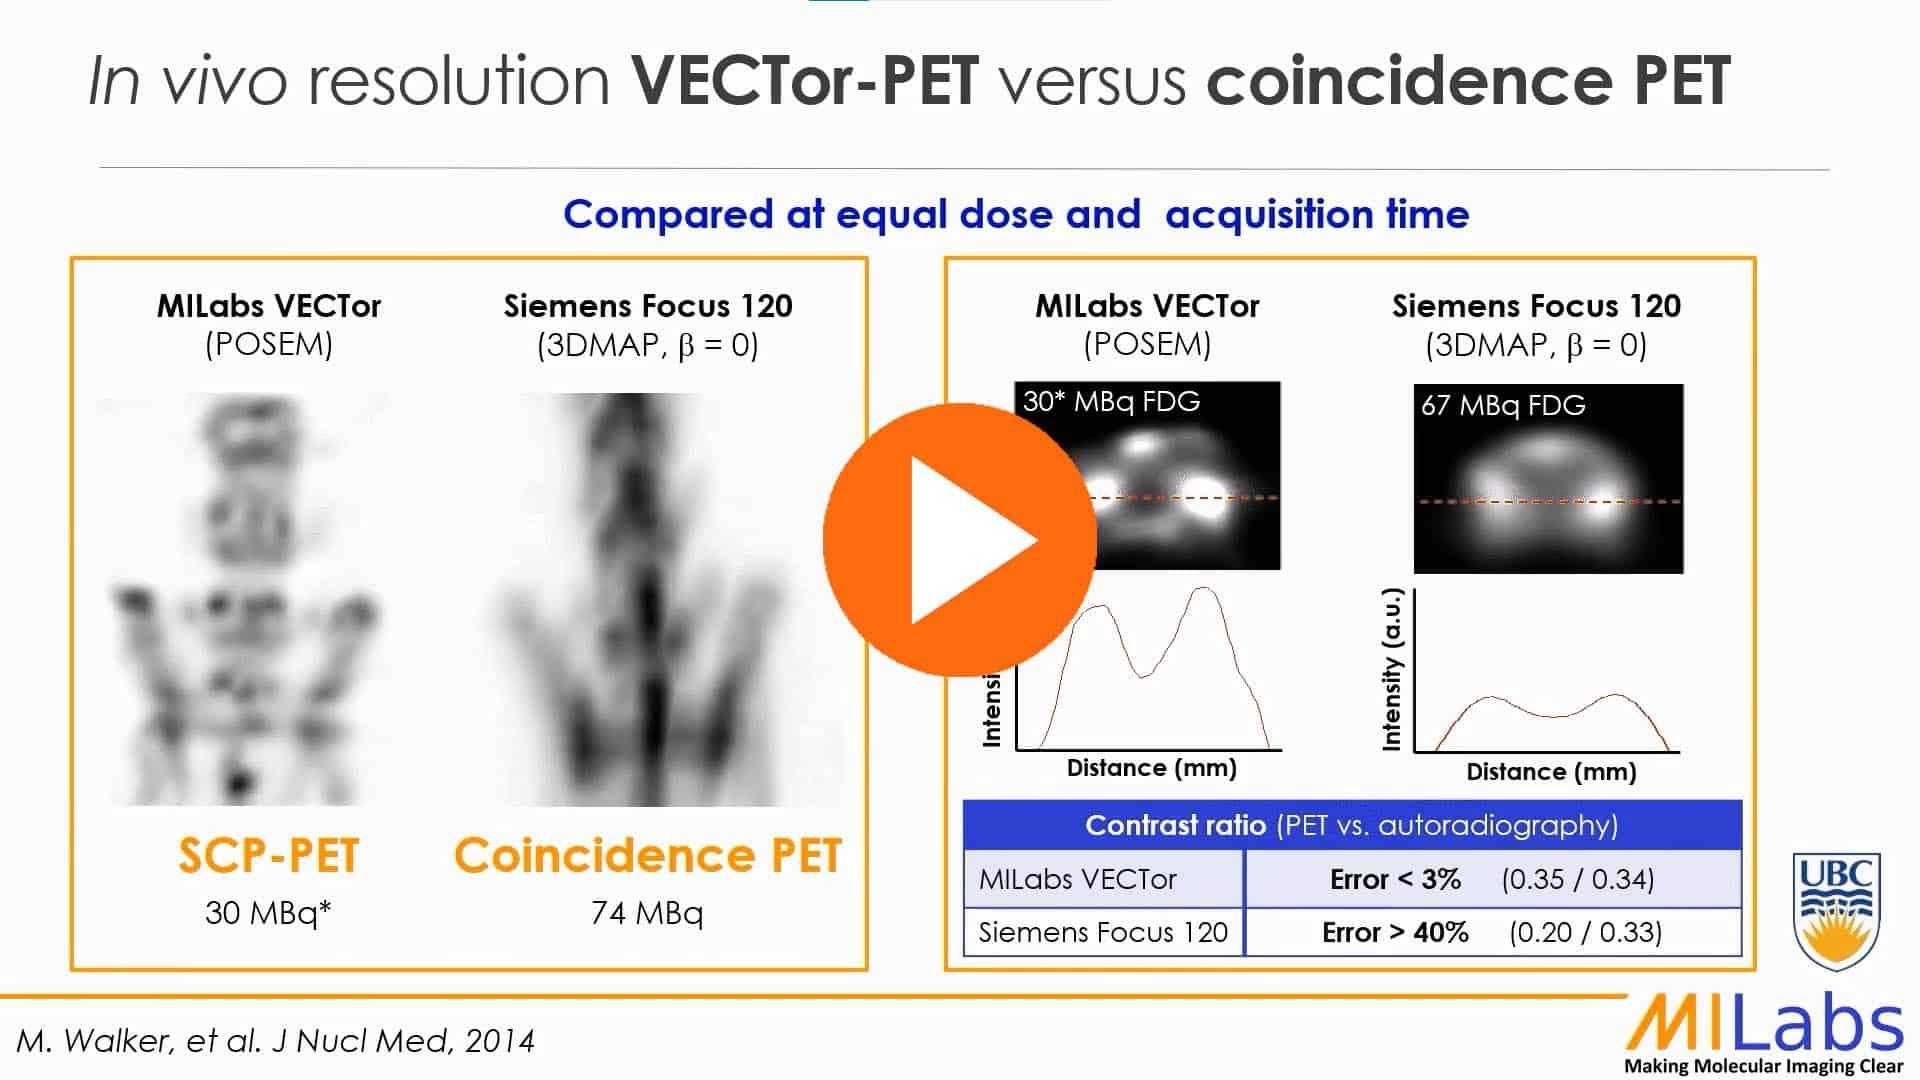 in vivo resolution VECTOR PET versus coincidence PET